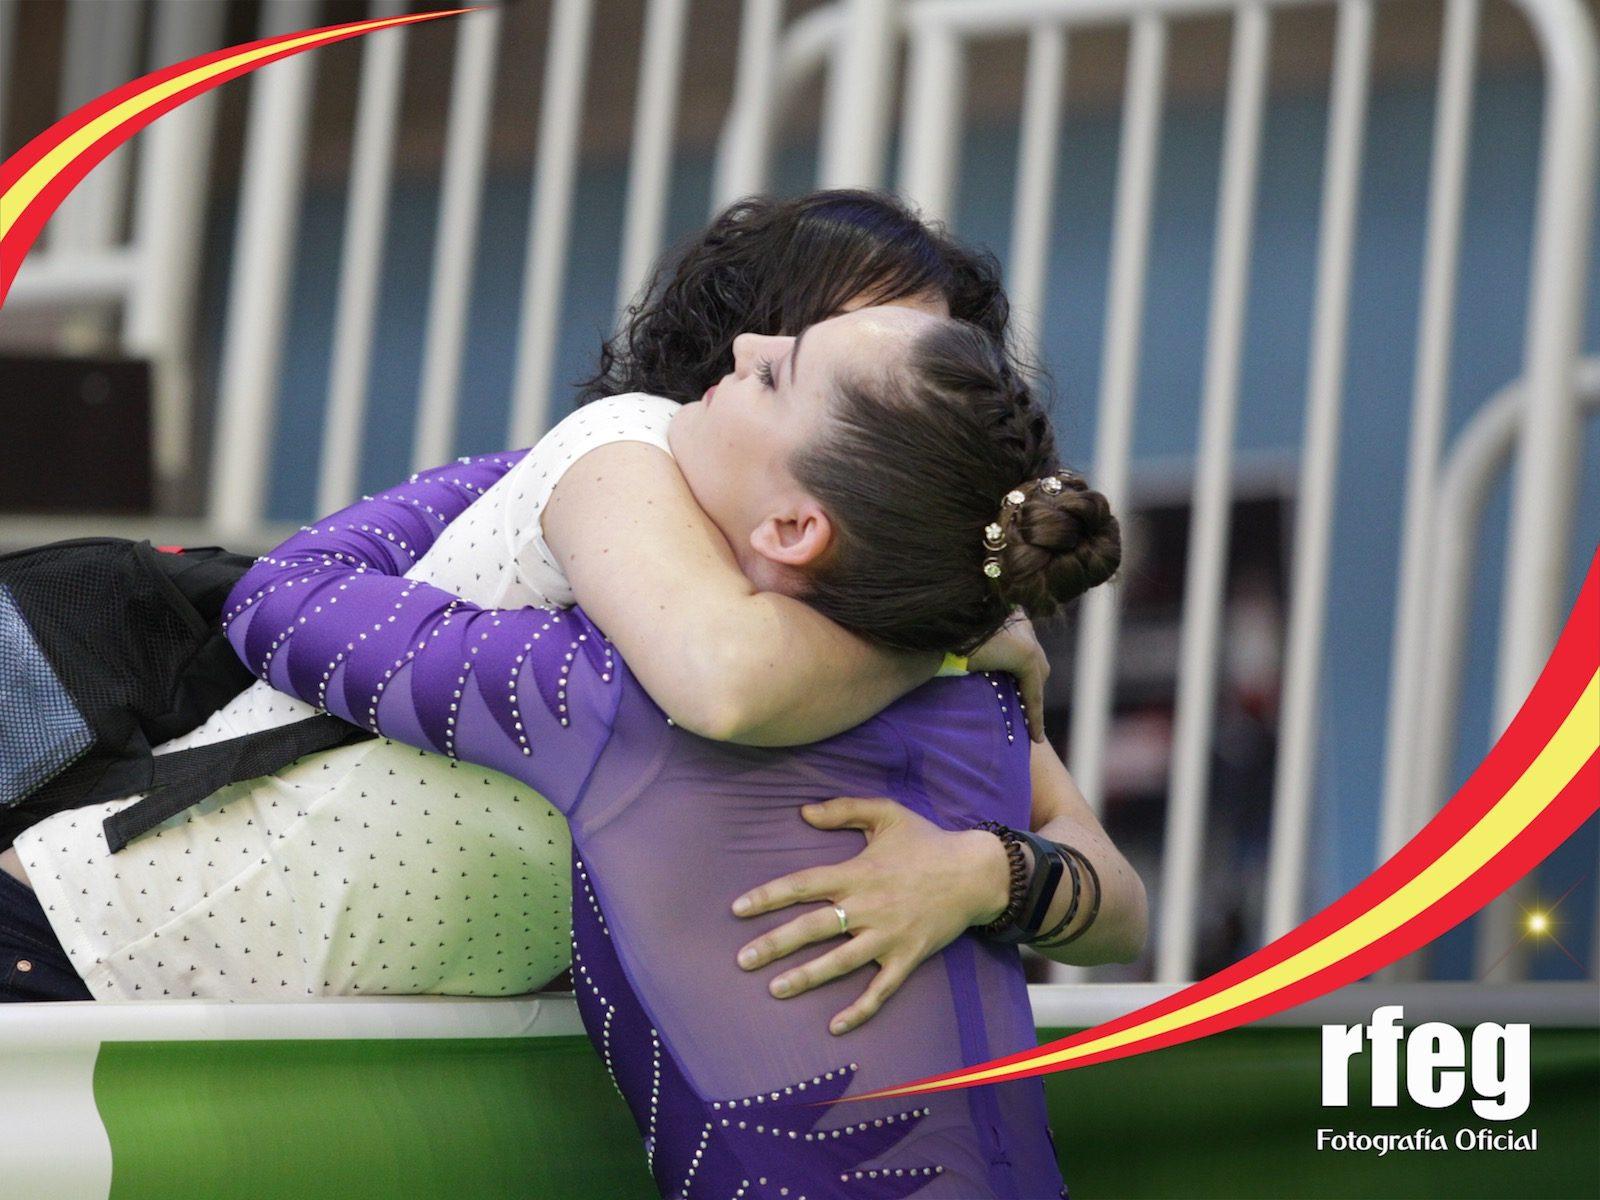 Fotografía Oficial FMG. www.fotosporteventos.com